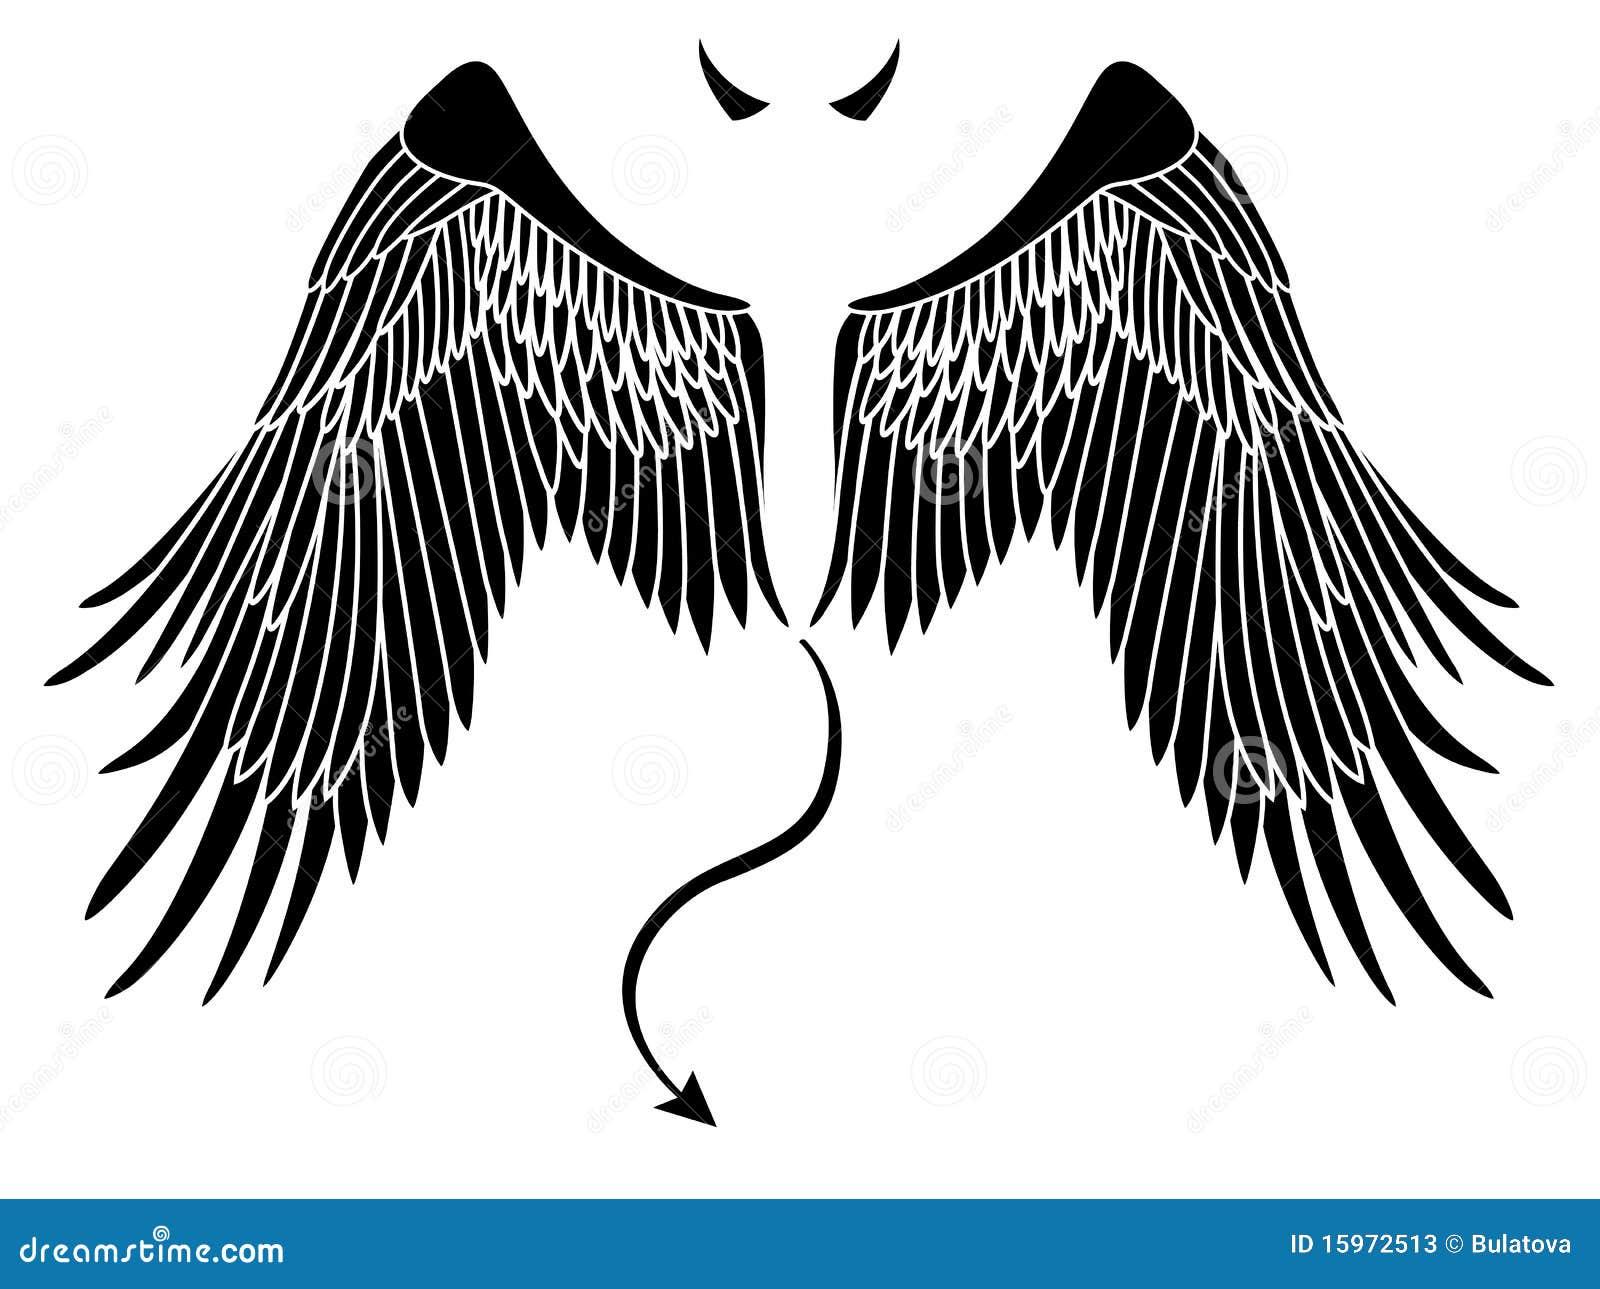 Cuernos De Diablo Png: Devil Wings Stock Photos